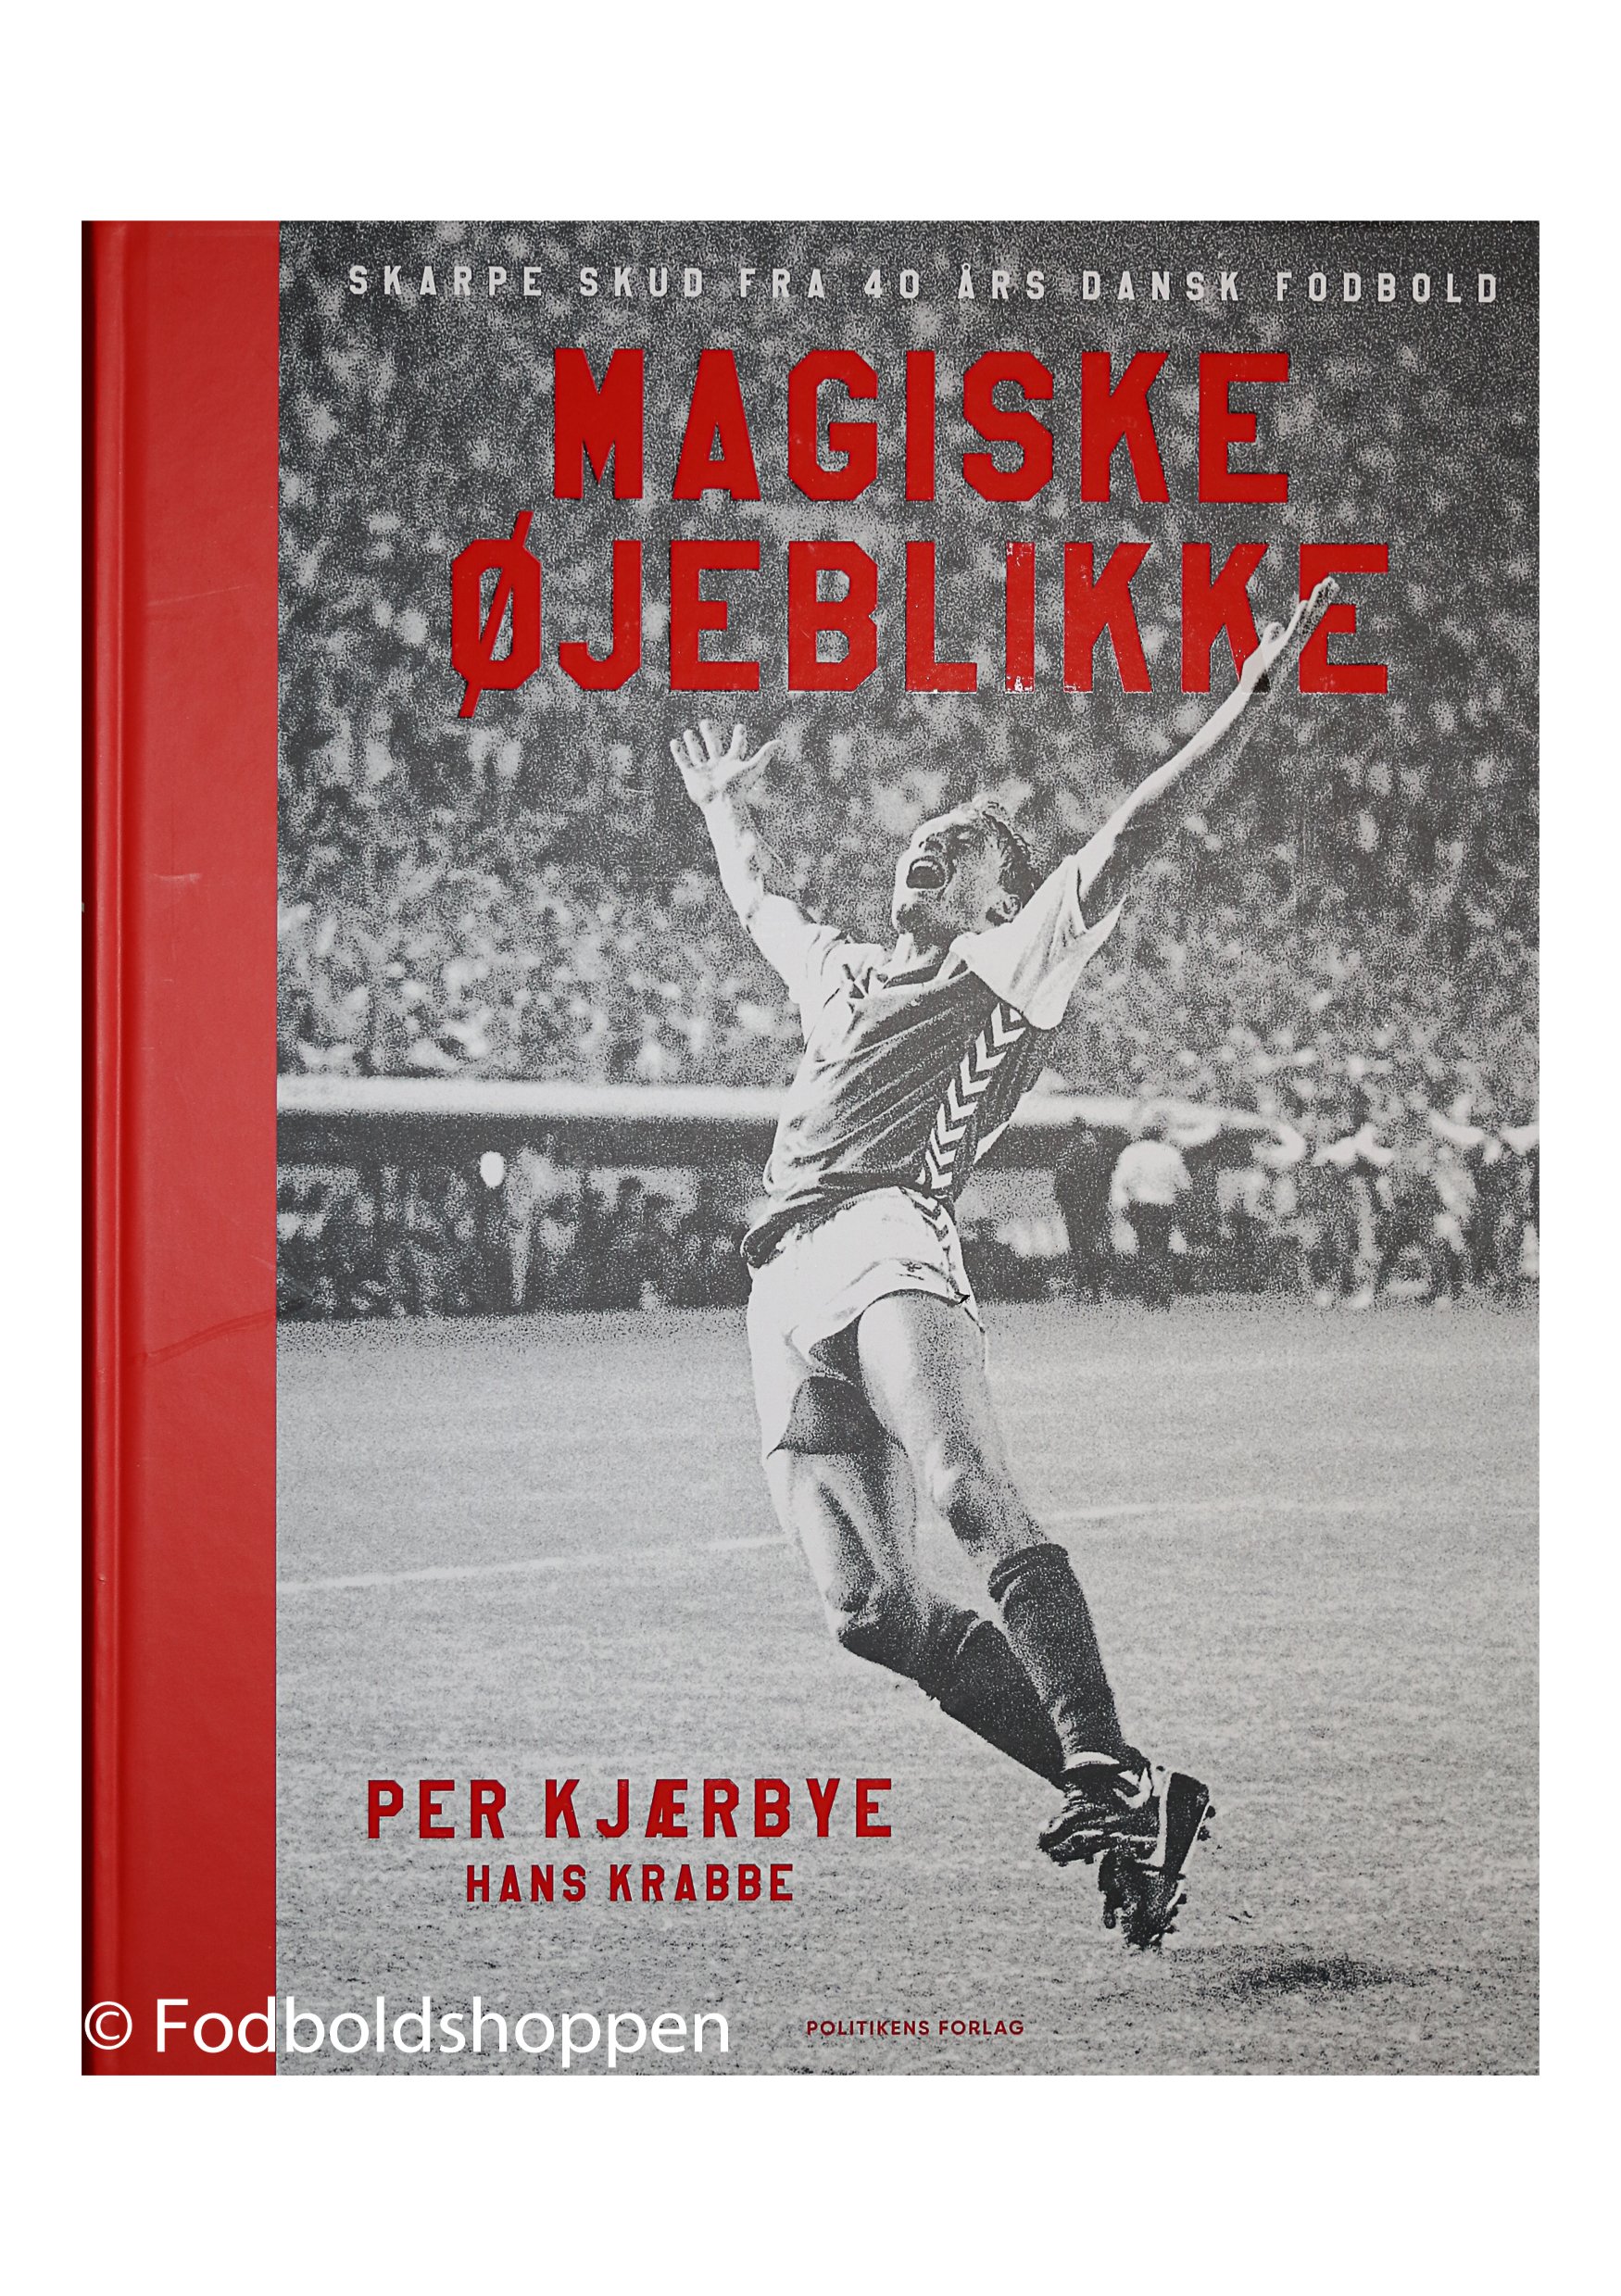 Magiske øjeblikke - Skarpe skud fra 40 års dansk fodbold